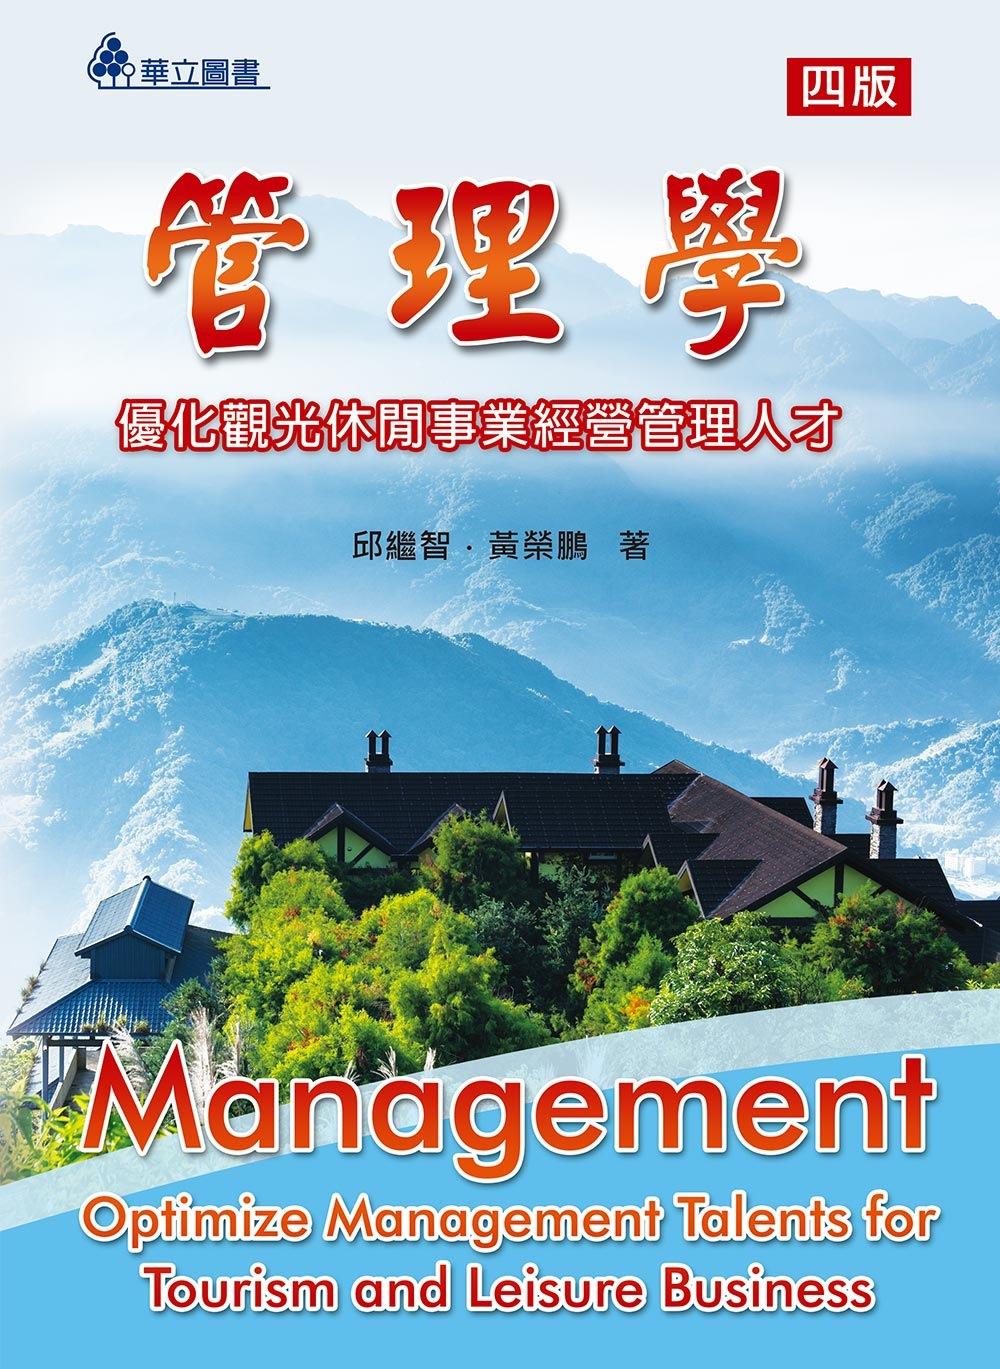 管理學:優化觀光休閒事業經營管理人才(四版)